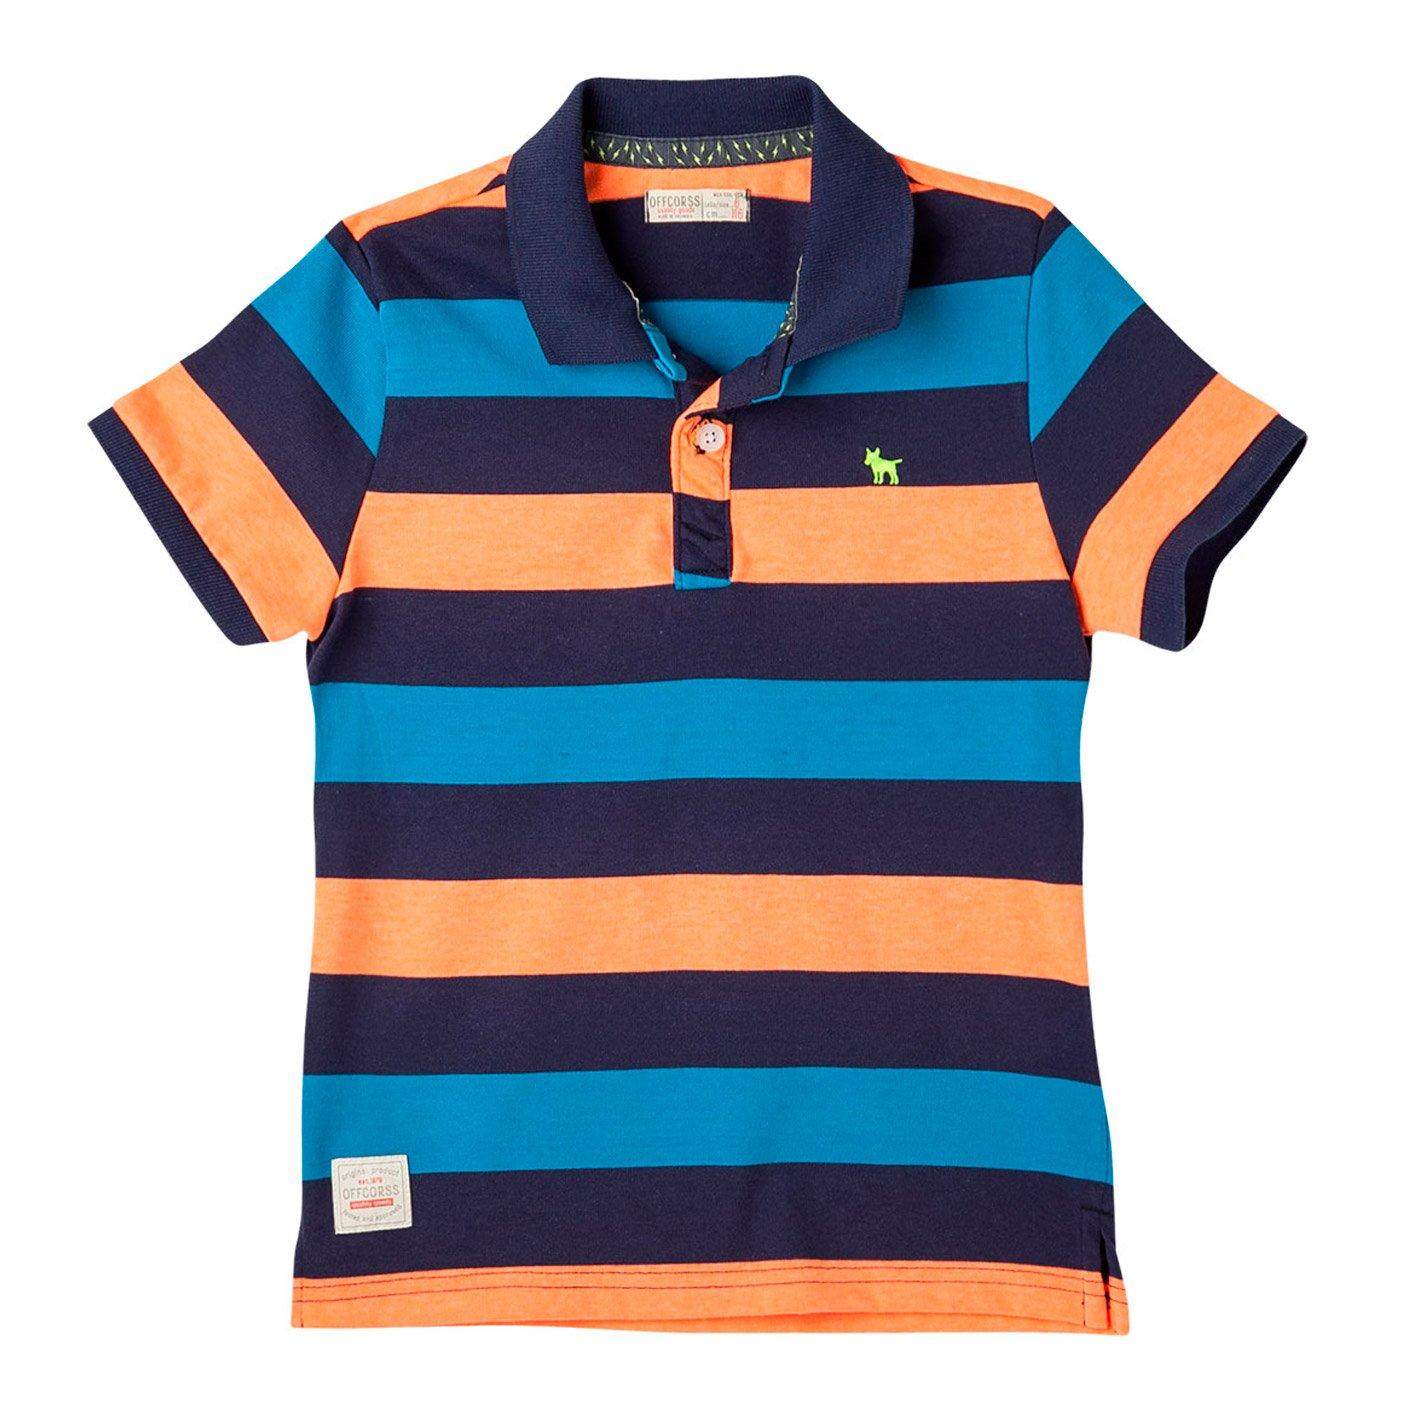 Galleon - OFFCORSS Cotton Polo Shirts For Teen Boys Camisetas Tipo Polo De  Niño Blue 12 a550a6c2f082f